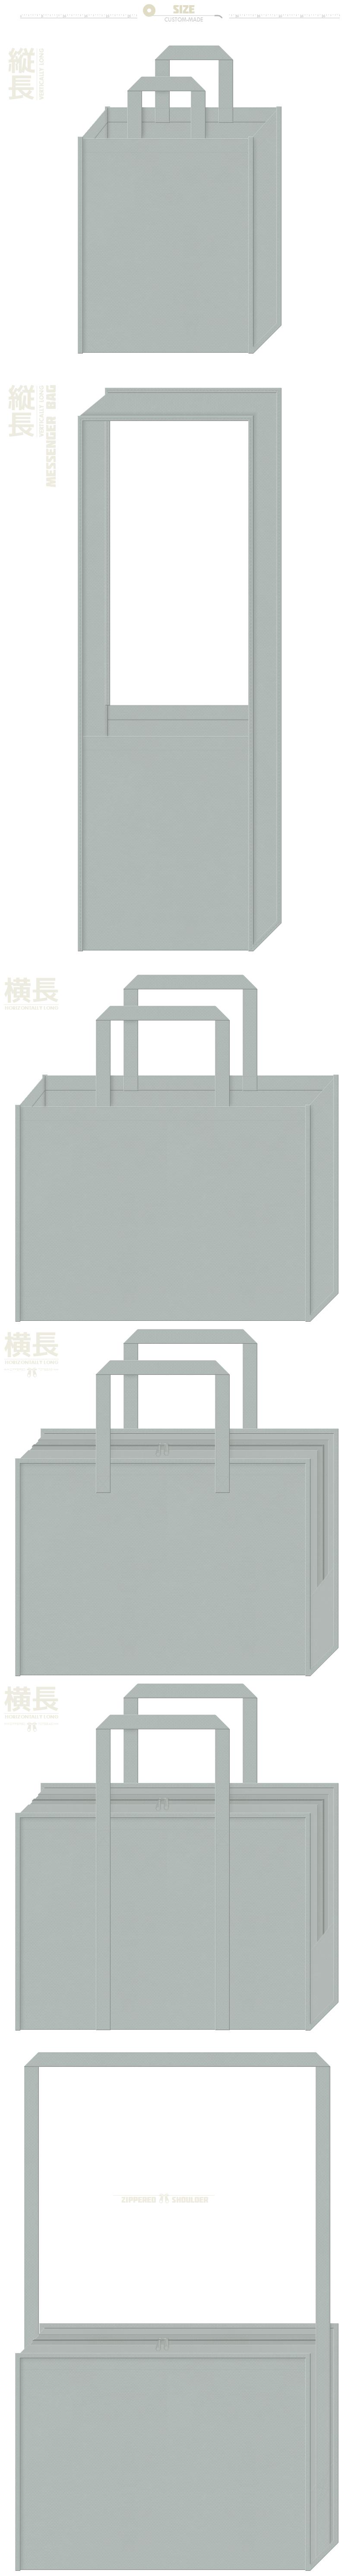 No.2  ライトグレーカラーの不織布トートバッグ(バイアス巻き縫製)